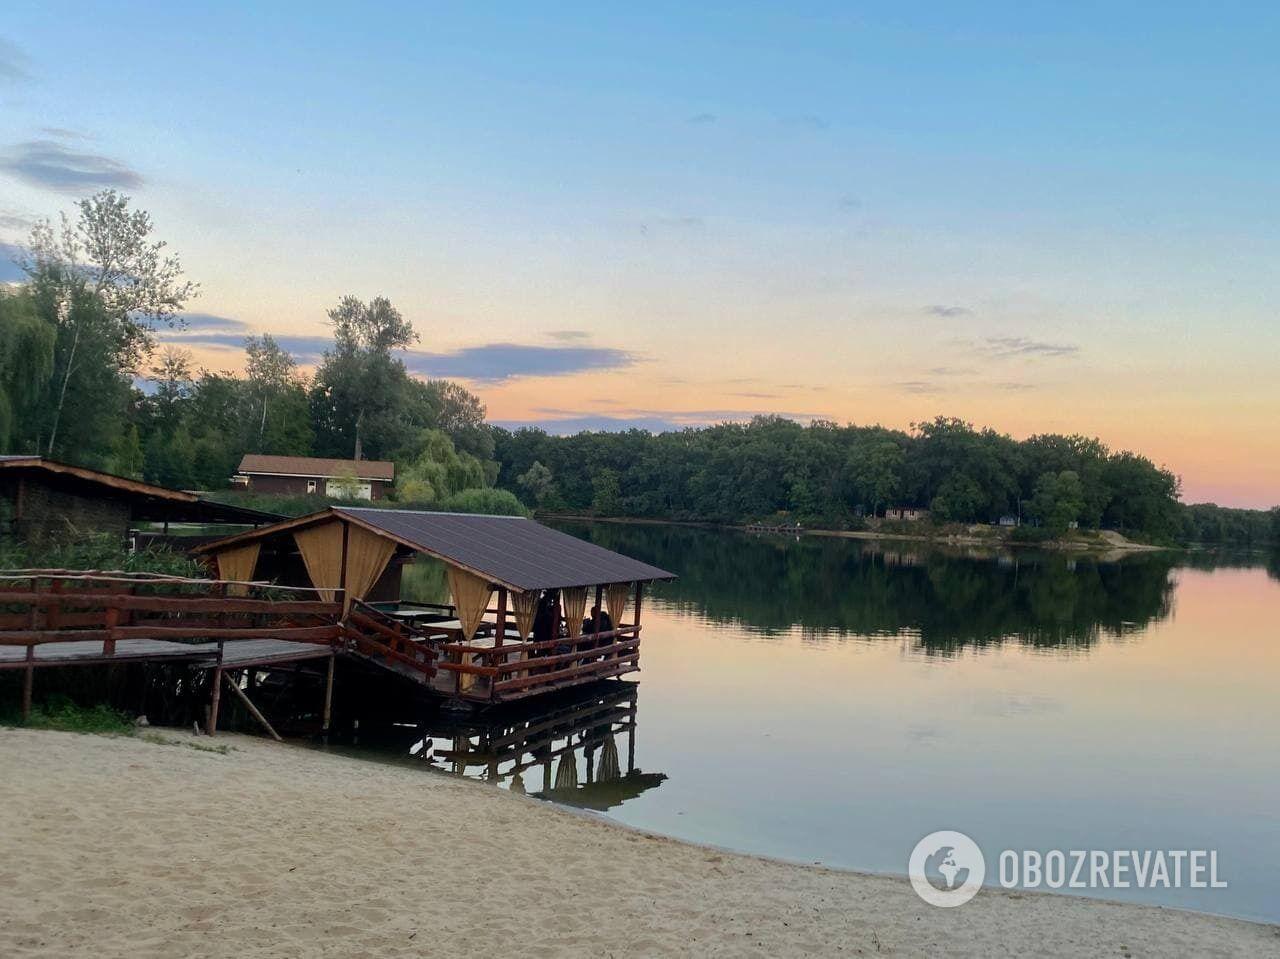 Коробові хутори – улюблене місце відпочинку для багатьох туристів